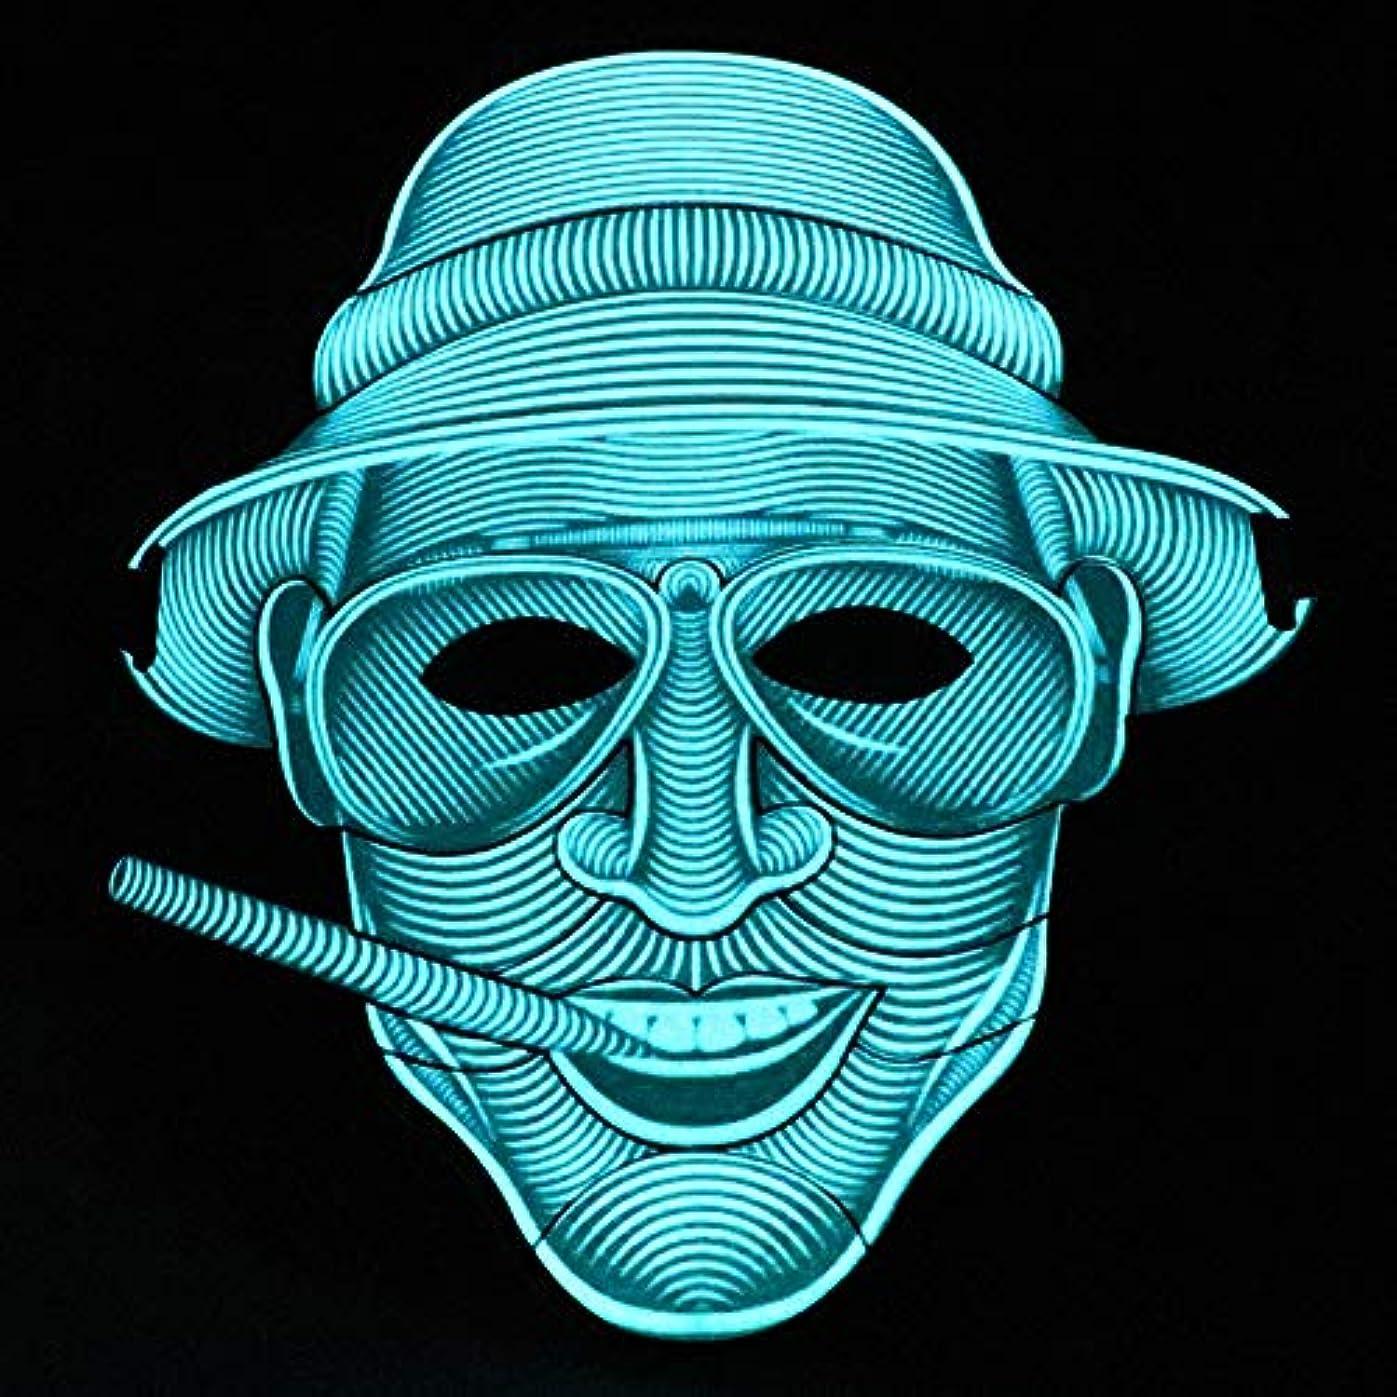 浸した予測する害虫照らされたマスクLED創造的な冷光音響制御マスクハロウィンバーフェスティバルダンスマスク (Color : #1)